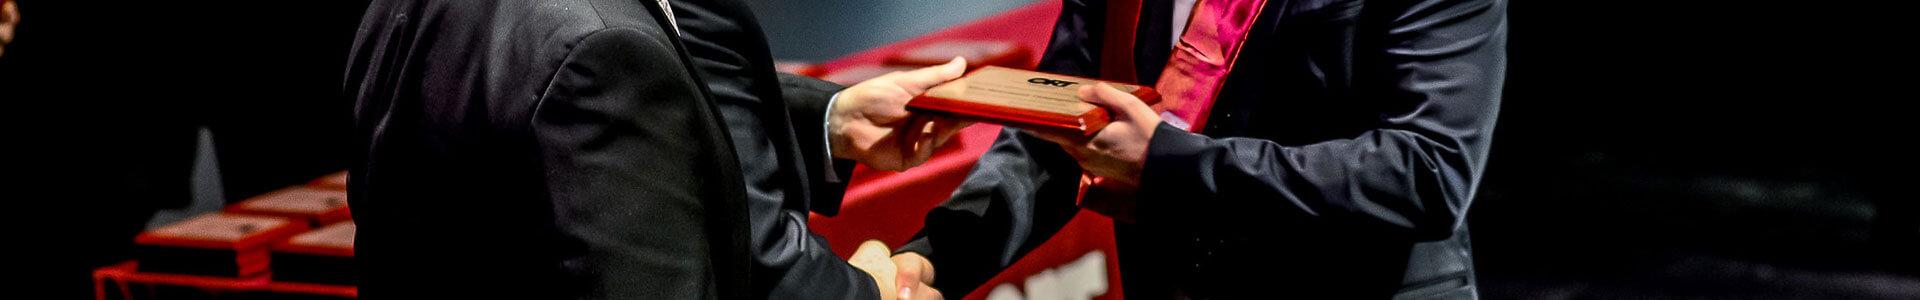 Graduados - Comunicación y Diseño - Universidad ORT Uruguay